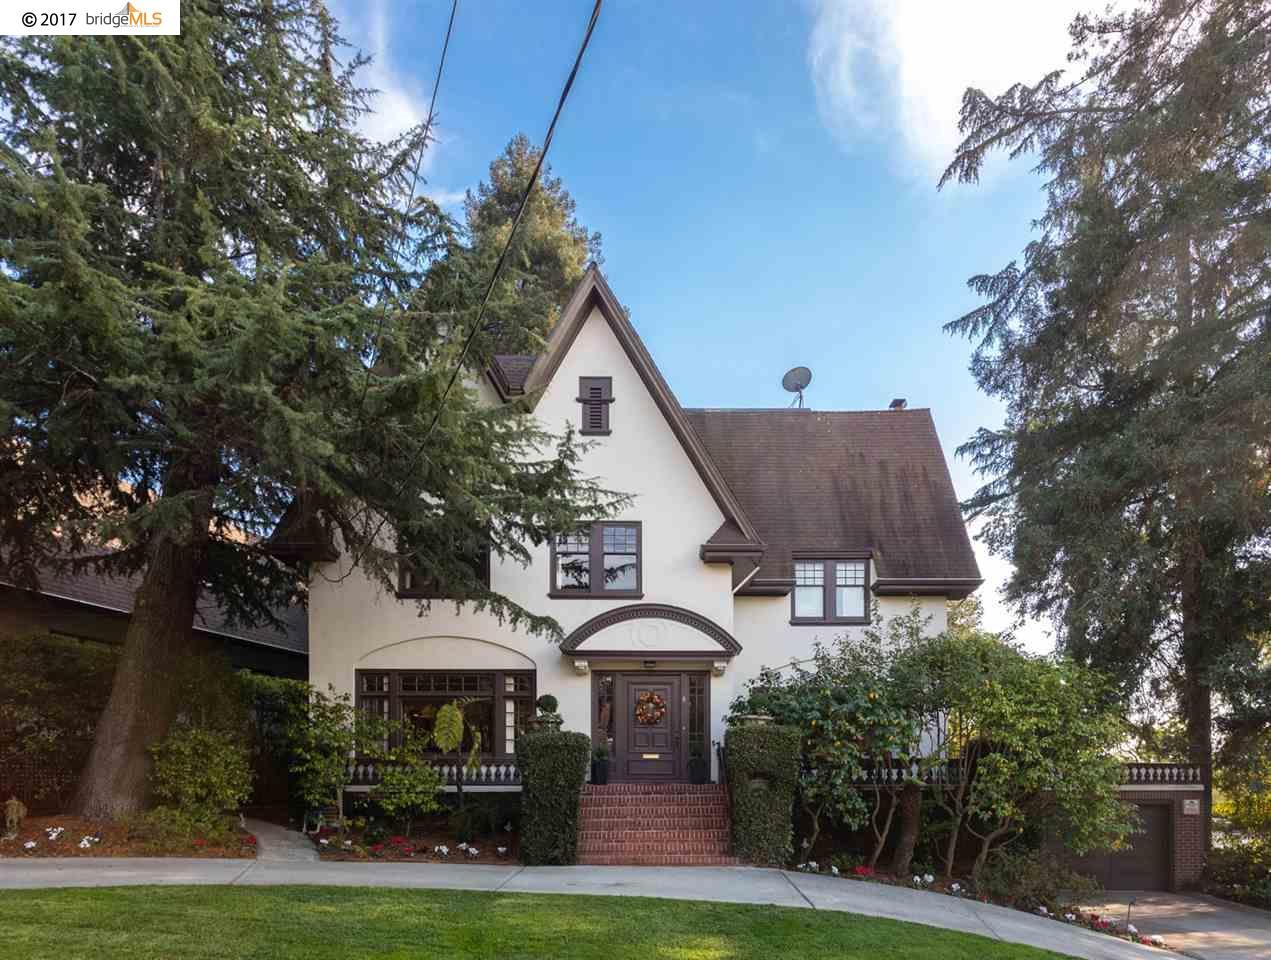 Частный односемейный дом для того Продажа на 4 Sierra Avenue 4 Sierra Avenue Piedmont, Калифорния 94611 Соединенные Штаты